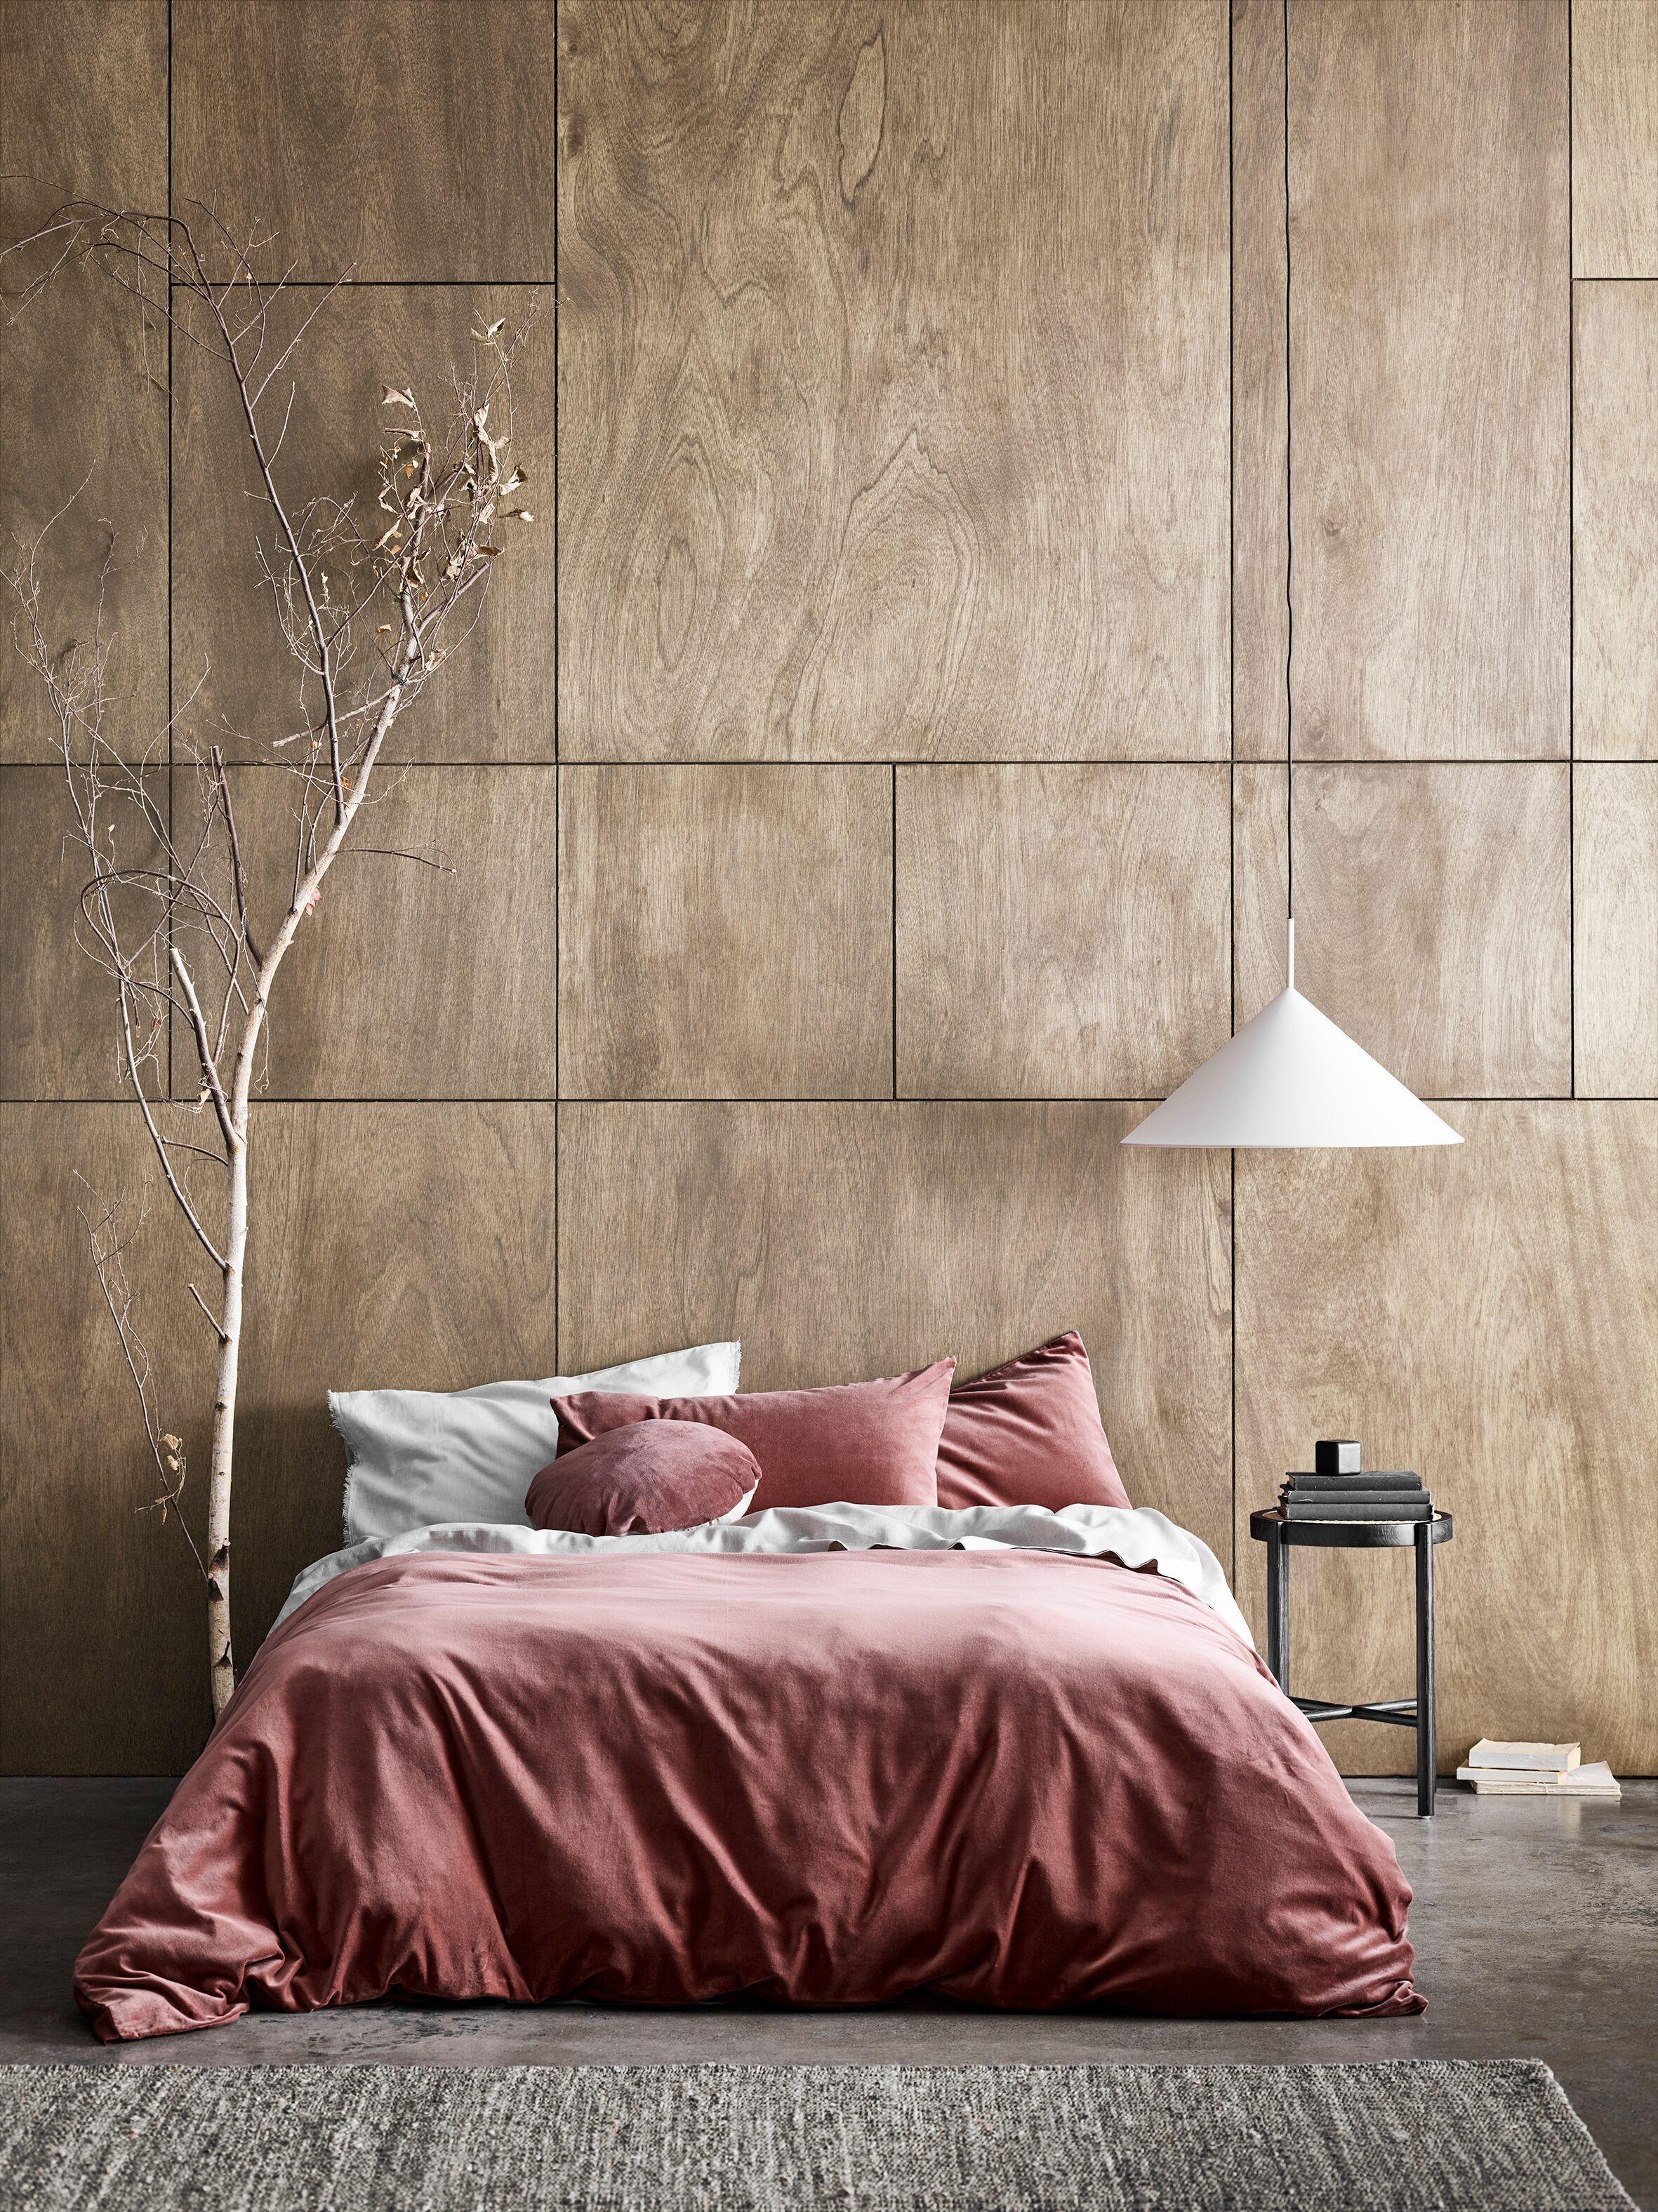 LUXURY VELVET QUILT COVER MAHOGANY in 2020 Bed linens